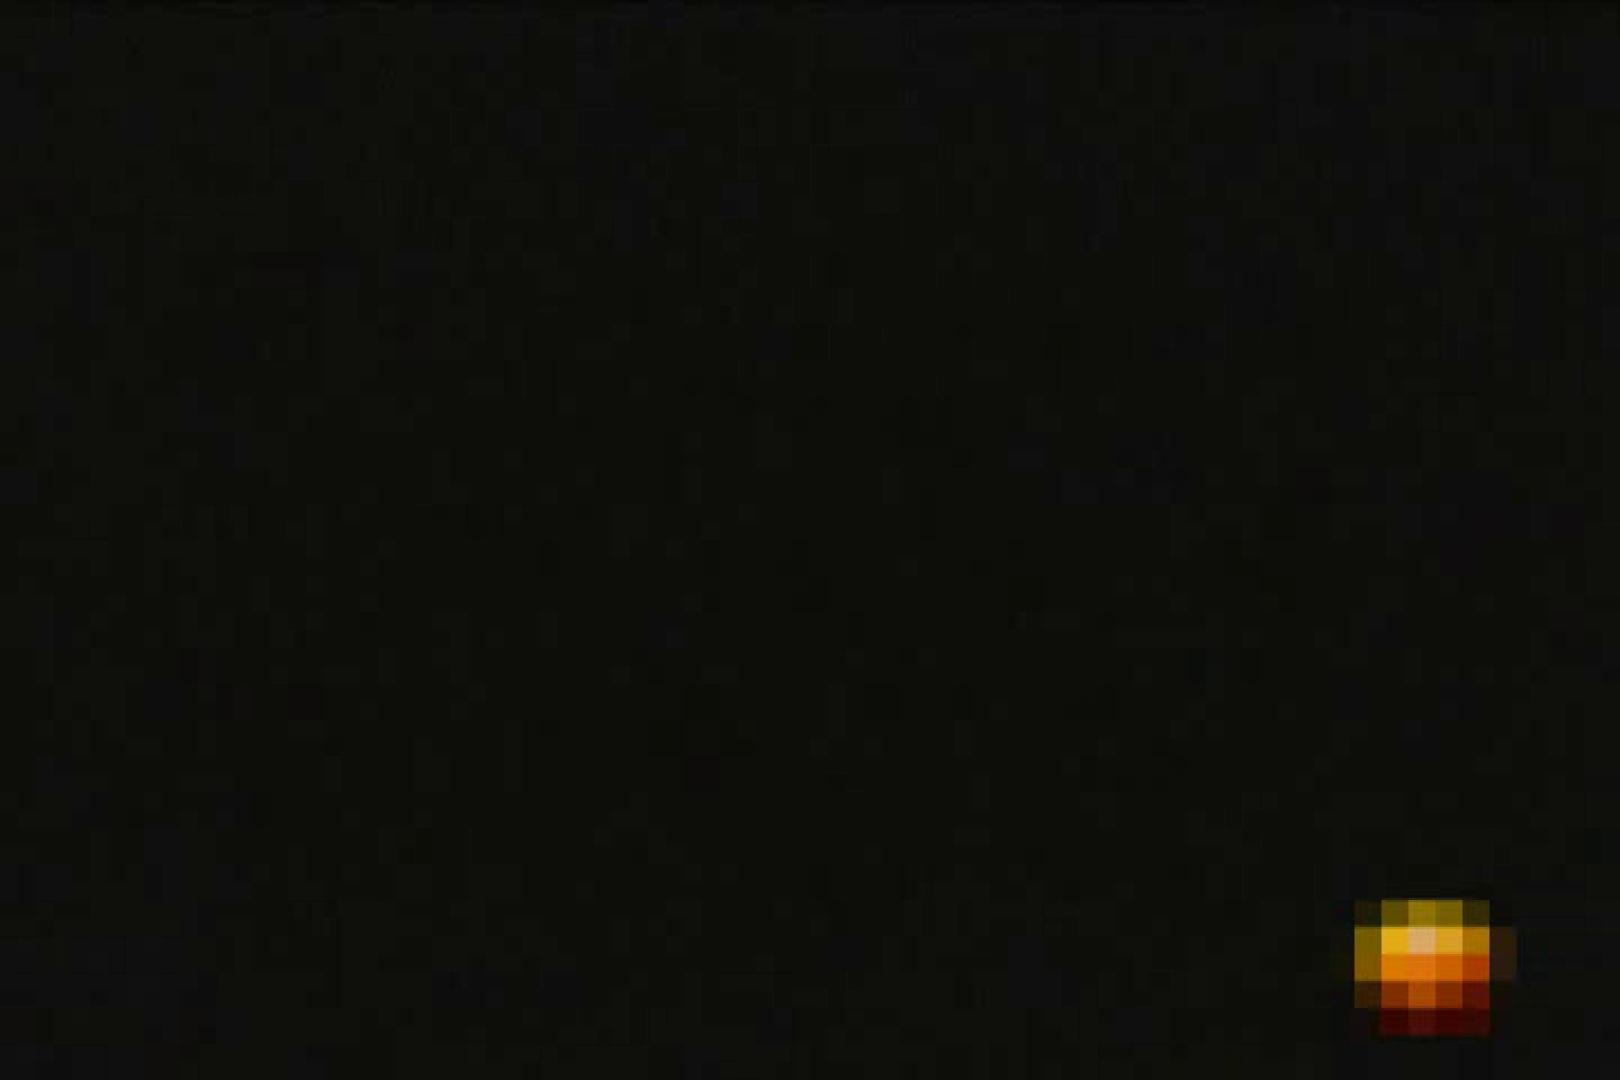 暗躍する夜這い師達Vol.3 OL  35pic 15